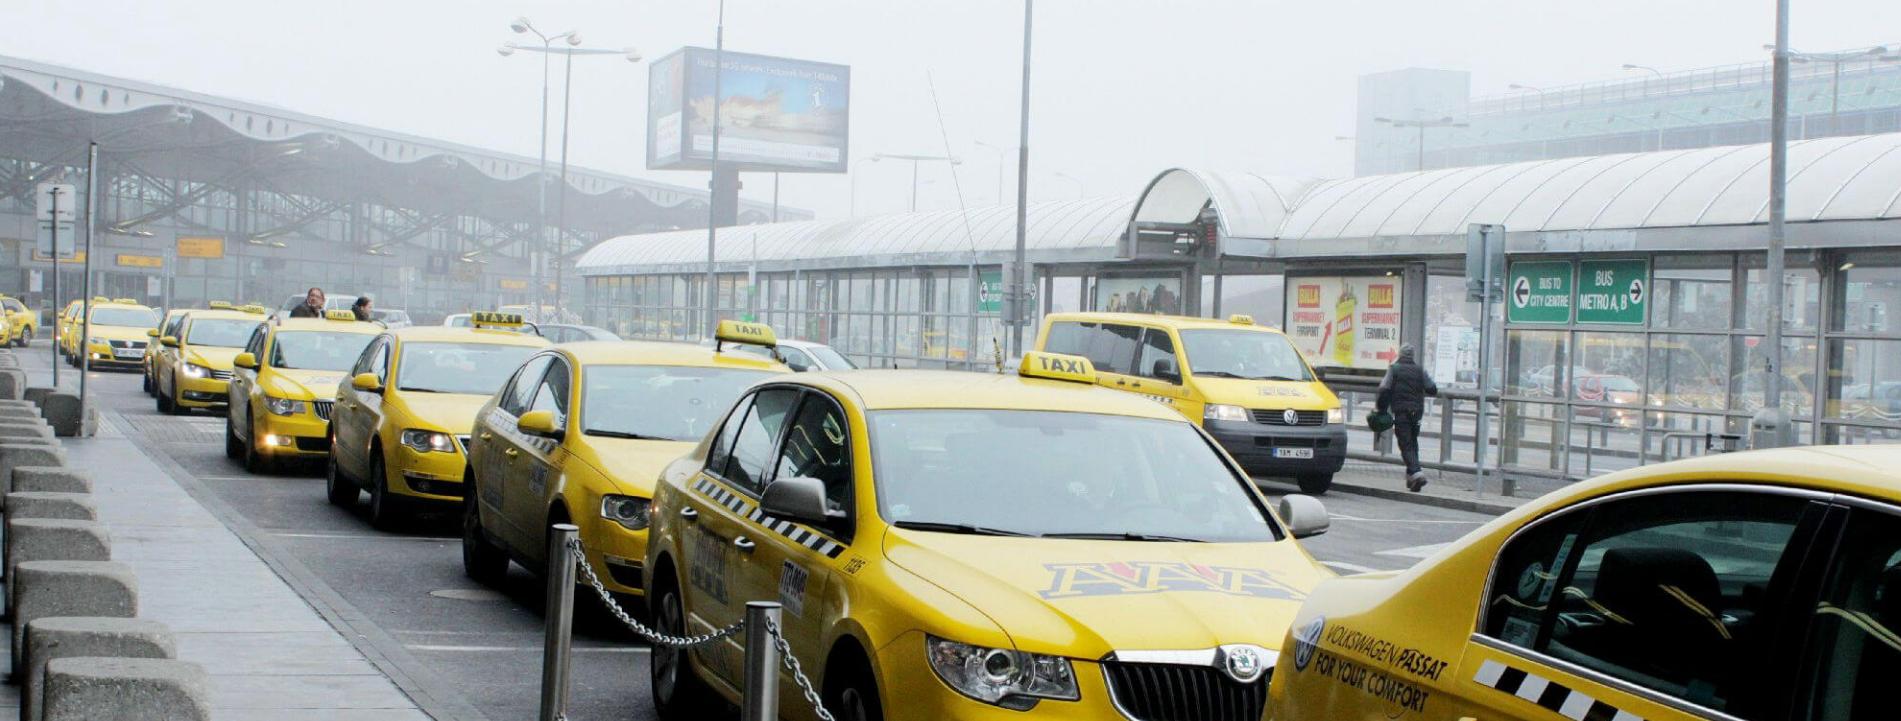 Изображение - Лицензия на такси как узаконить свой бизнес без ип joxi_screenshot_1533332065309